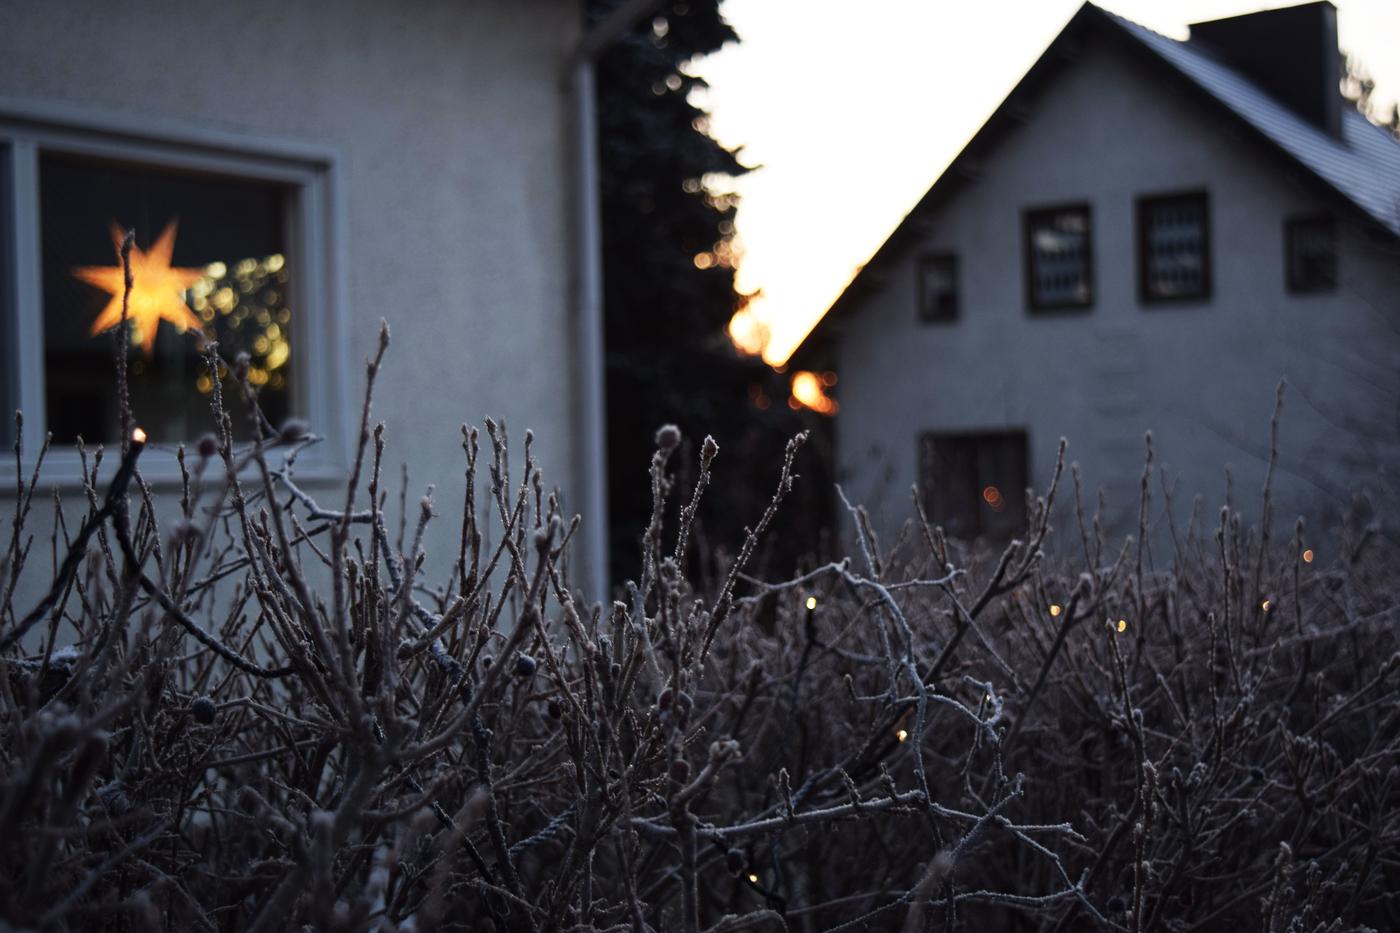 joulukuun valo7.jpg